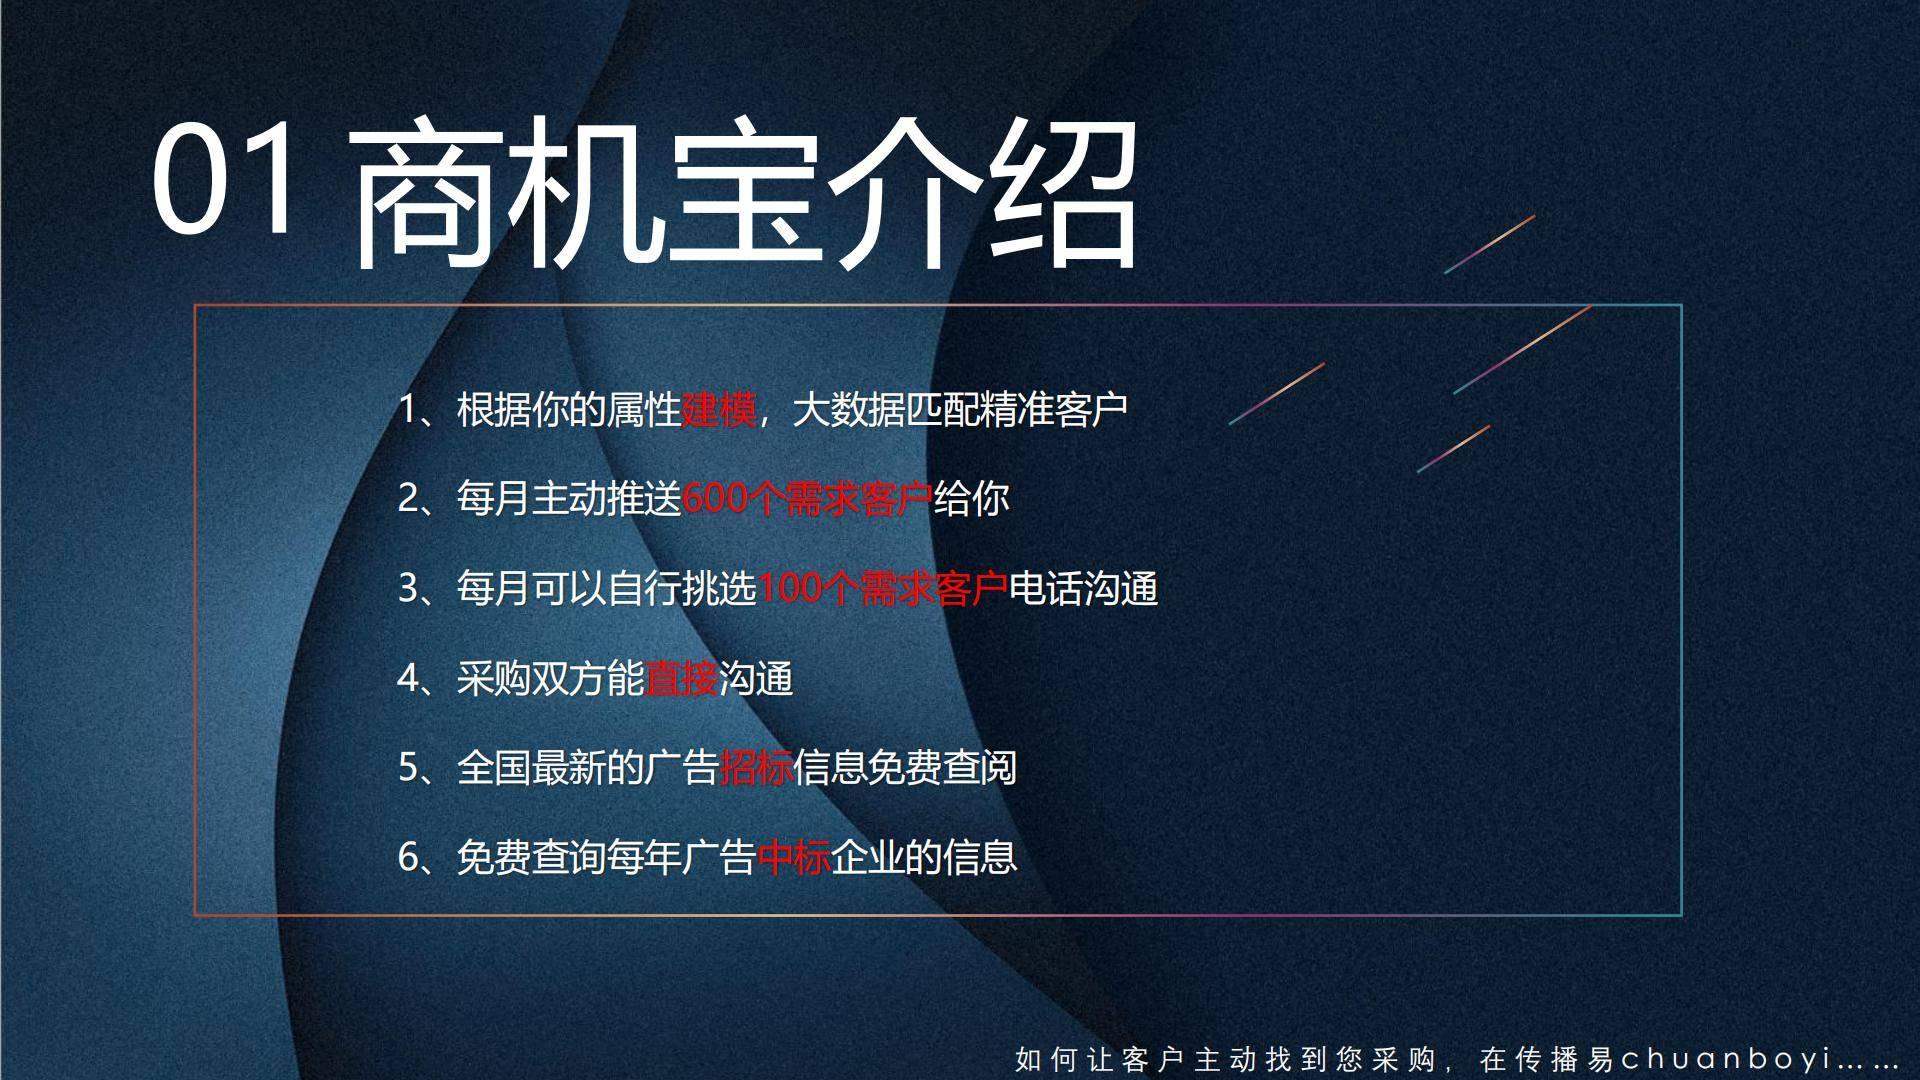 媒体主会员传播易招商2020.12.8_02.jpg